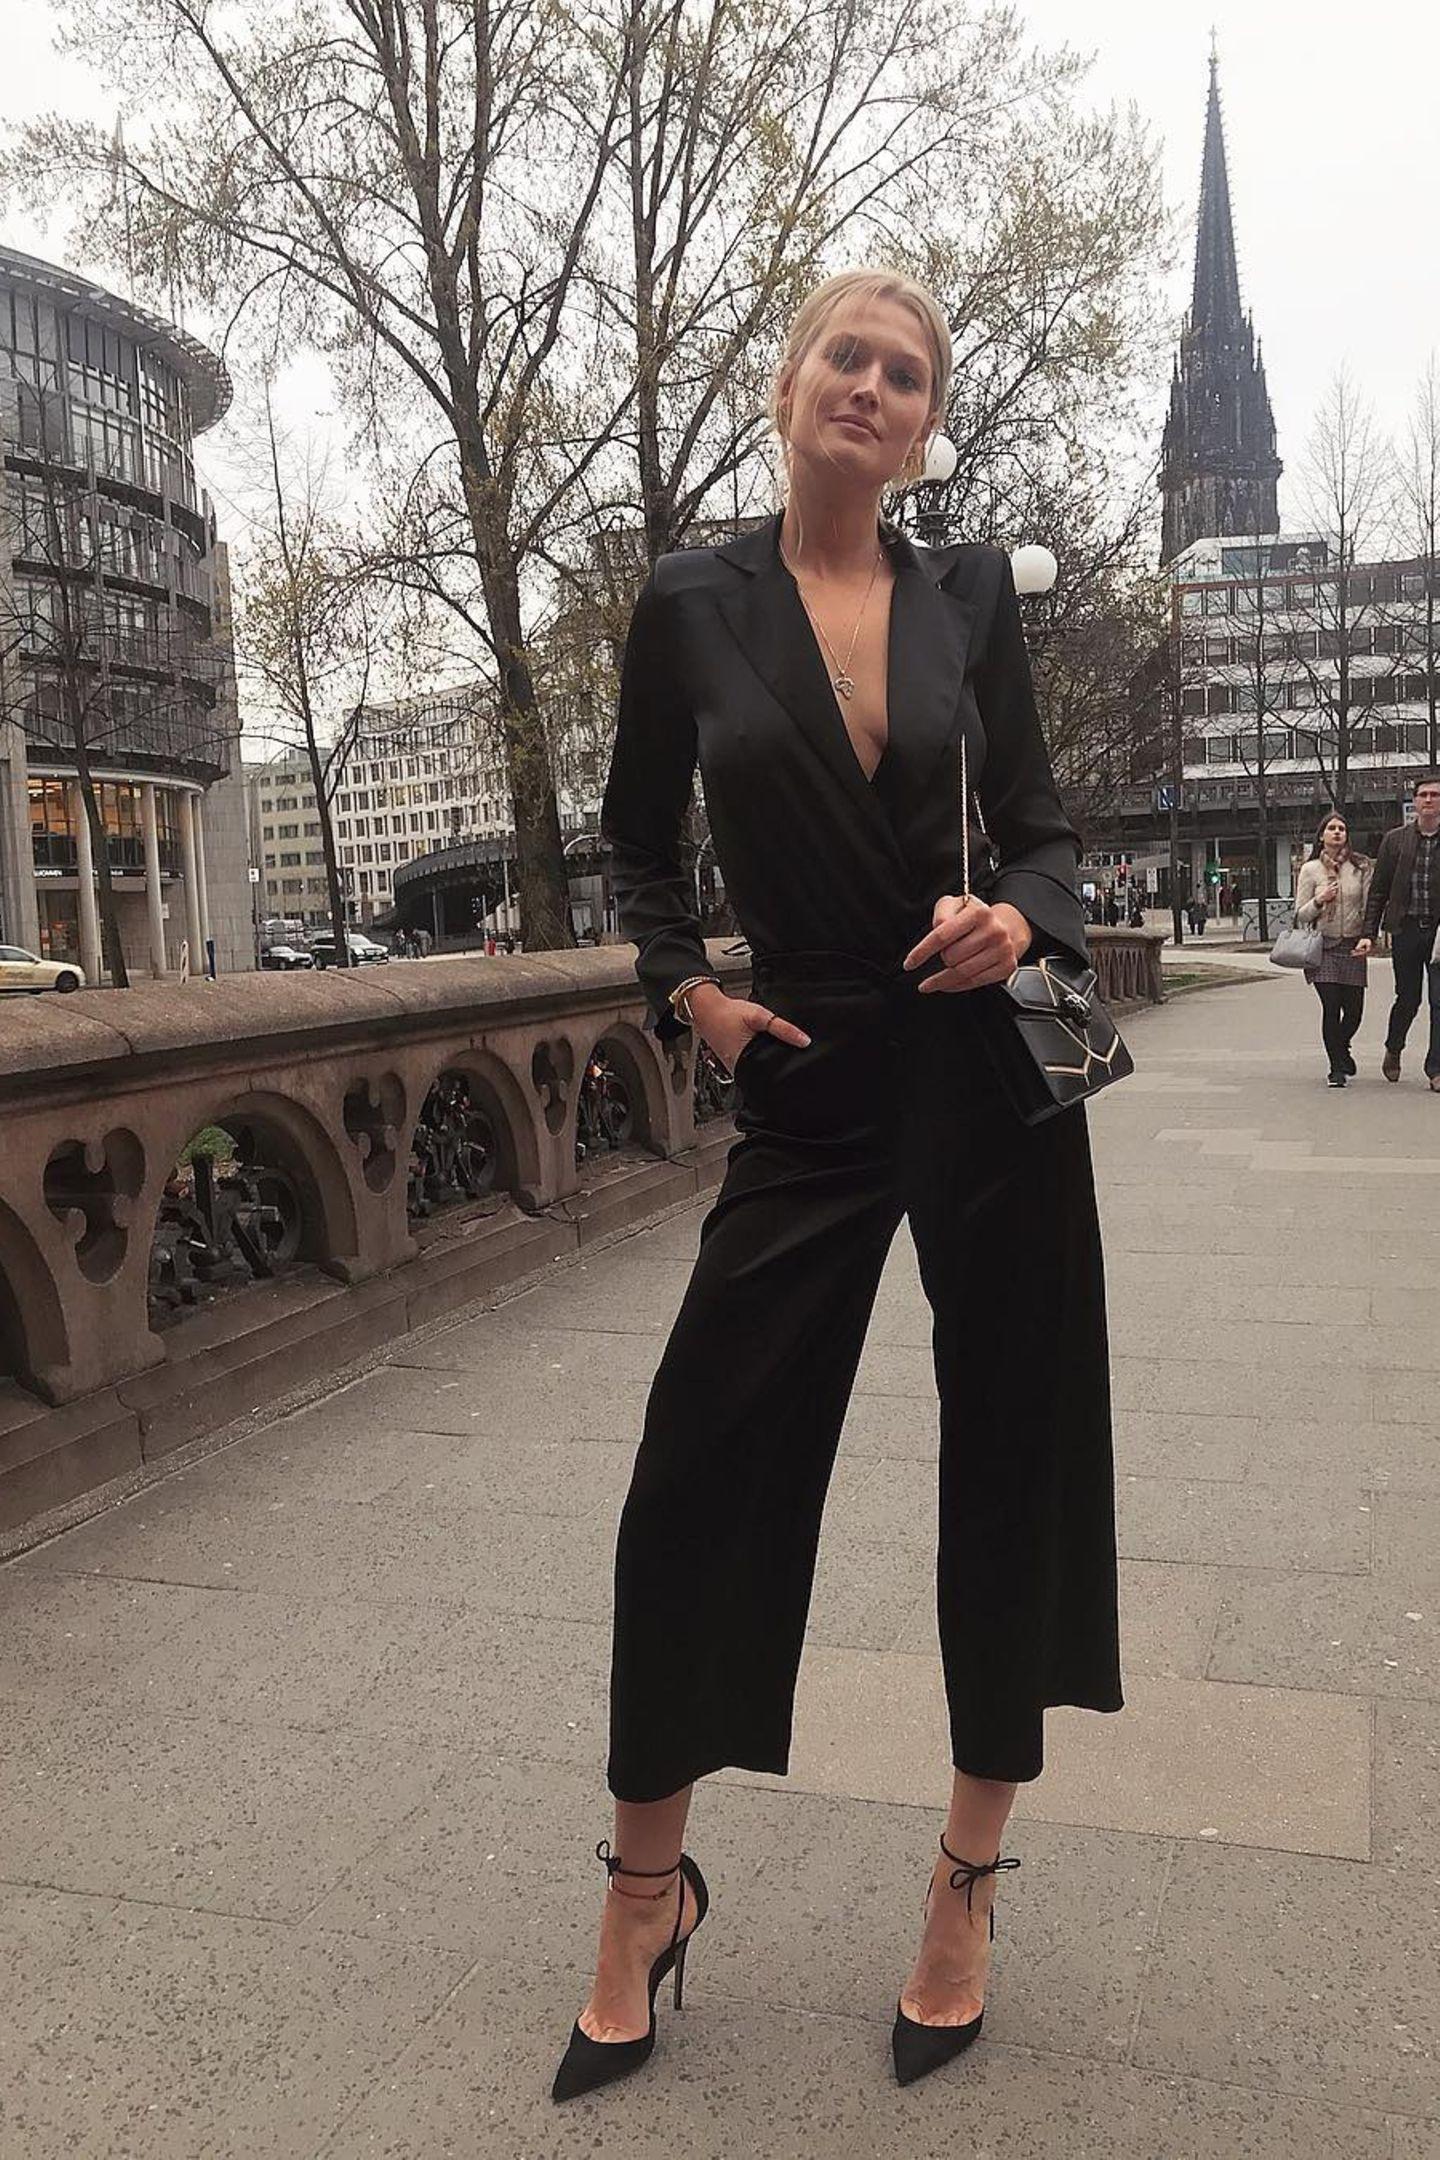 Topmodel Toni Garrn ist in ihrer Heimat Hamburg unterwegs, aber ist dieses Outfit nicht zu sexy für die Hansestadt? So einen heißen Besuch sind die unterkühlten Nordlichter gar nicht gewöhnt.